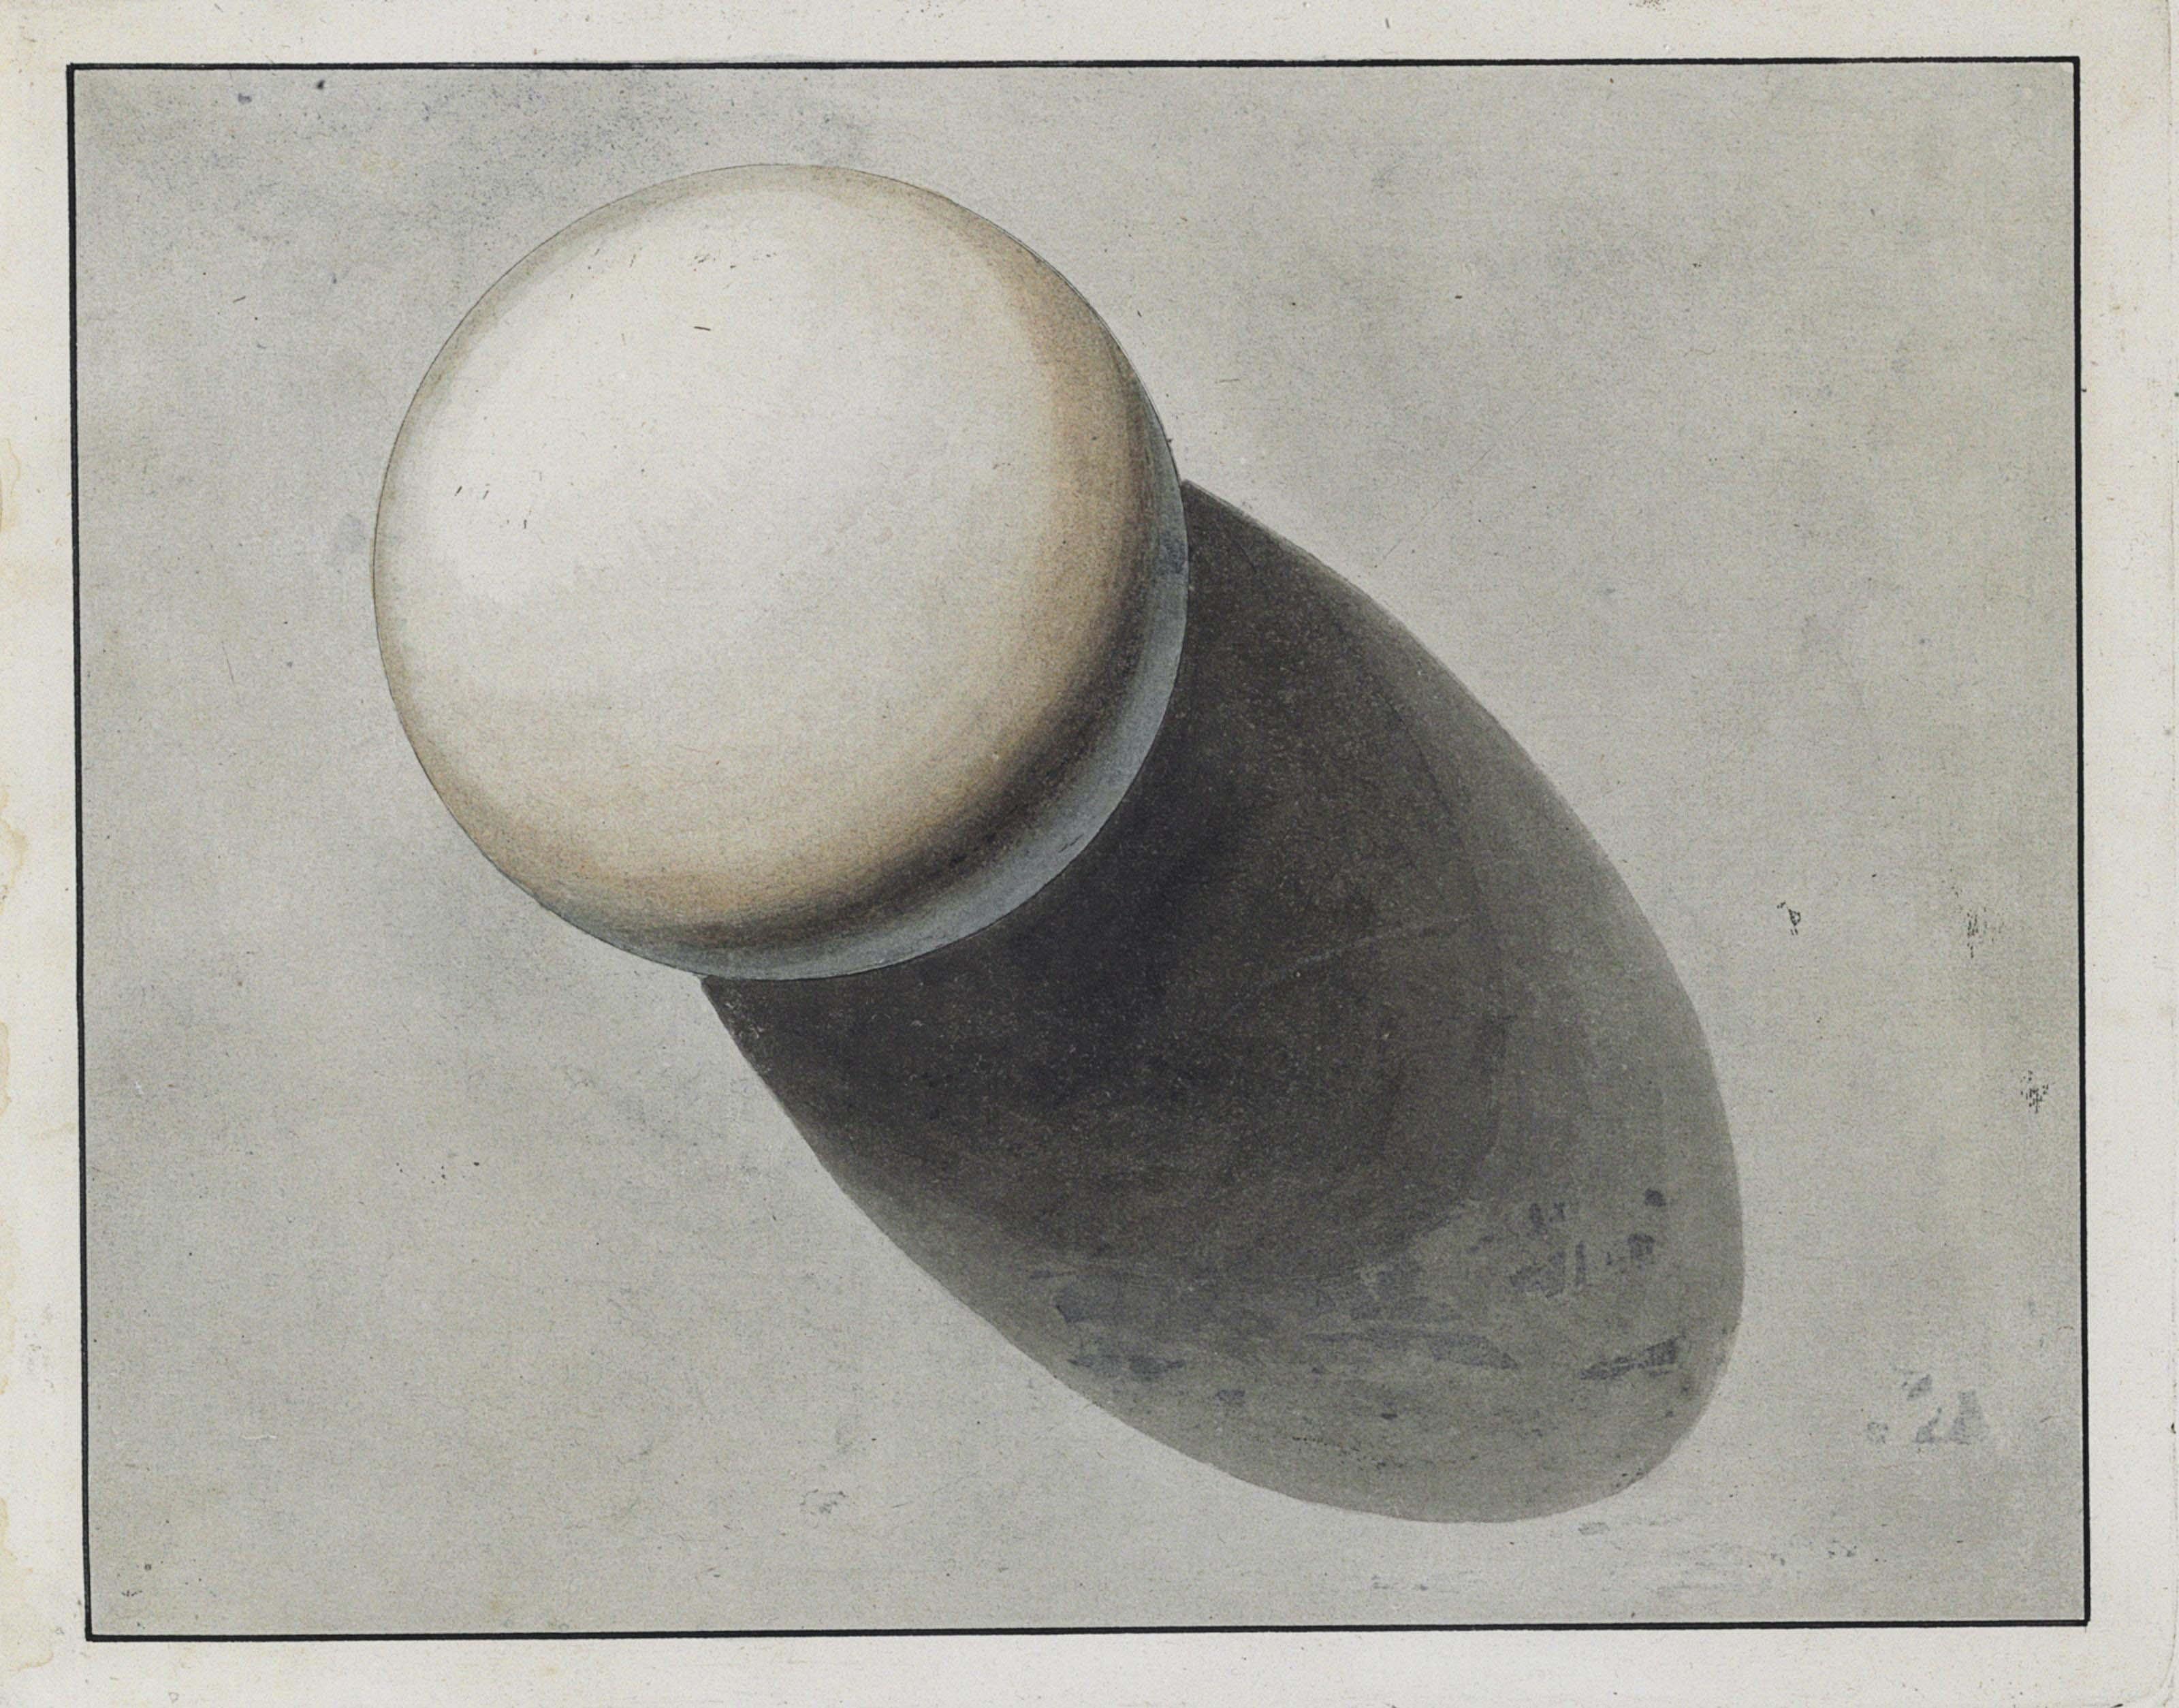 ROSSI-MELOCCHI, Cosimo (1758-1820). Saggio teorico-pratico intorno alla determinazione dell'ombre nei diversi soggetti d'Architettura geometrica. Florence: Giuseppe Tofani and Comp. dell'Aquila Nera, 1805.